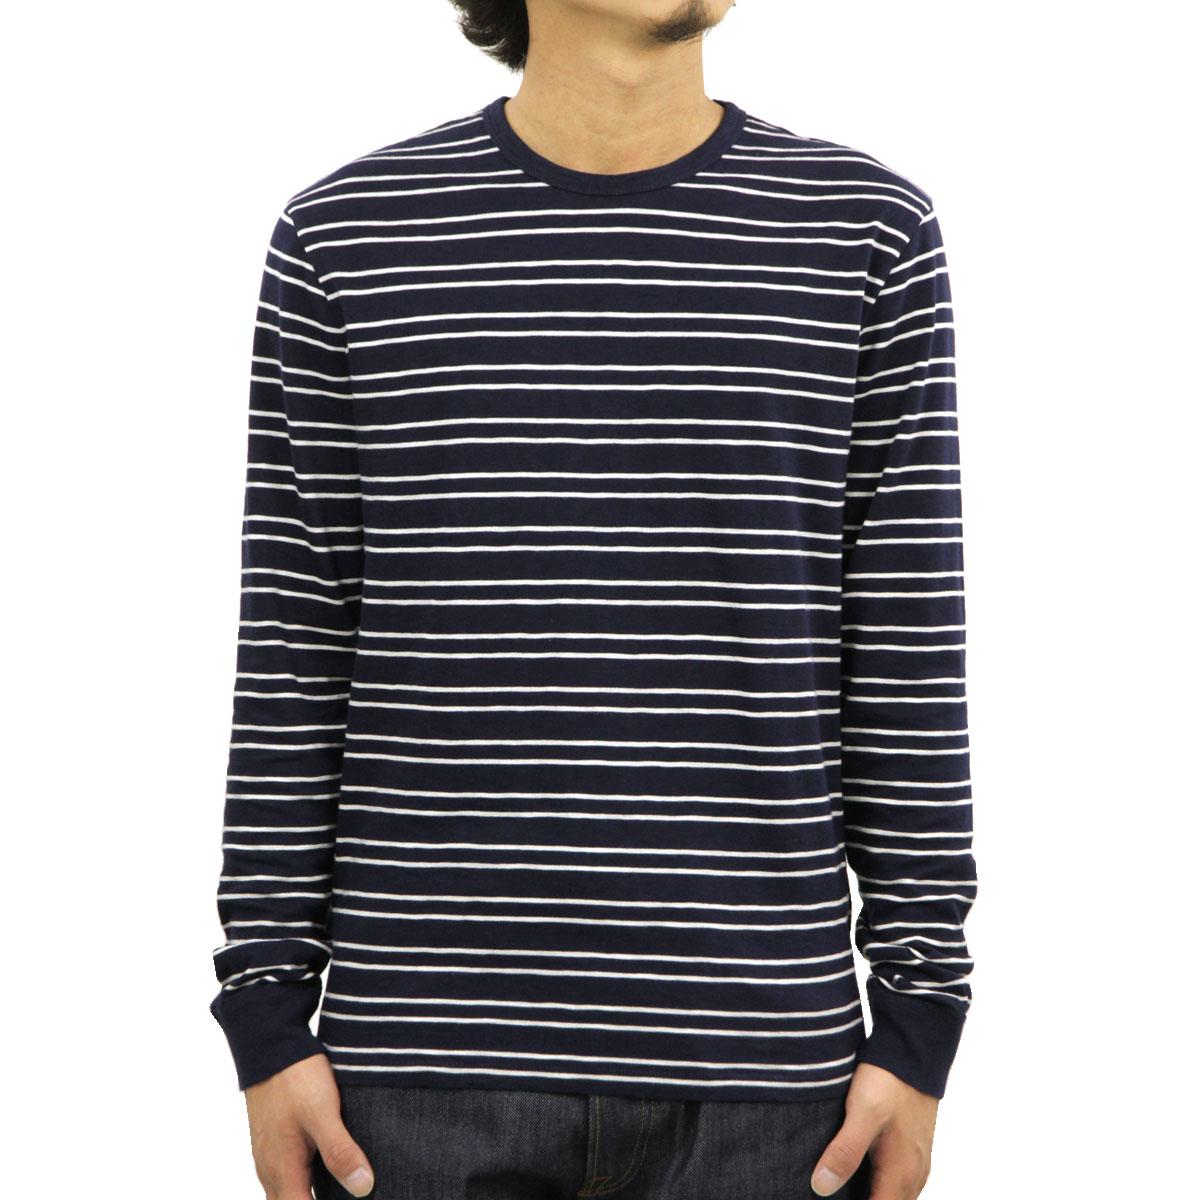 ジェイクルー J.CREW 正規品 メンズ 長袖Tシャツ LONG-SLEEVE SLUB DOUBLE-STRIPED T-SHIRT f4911